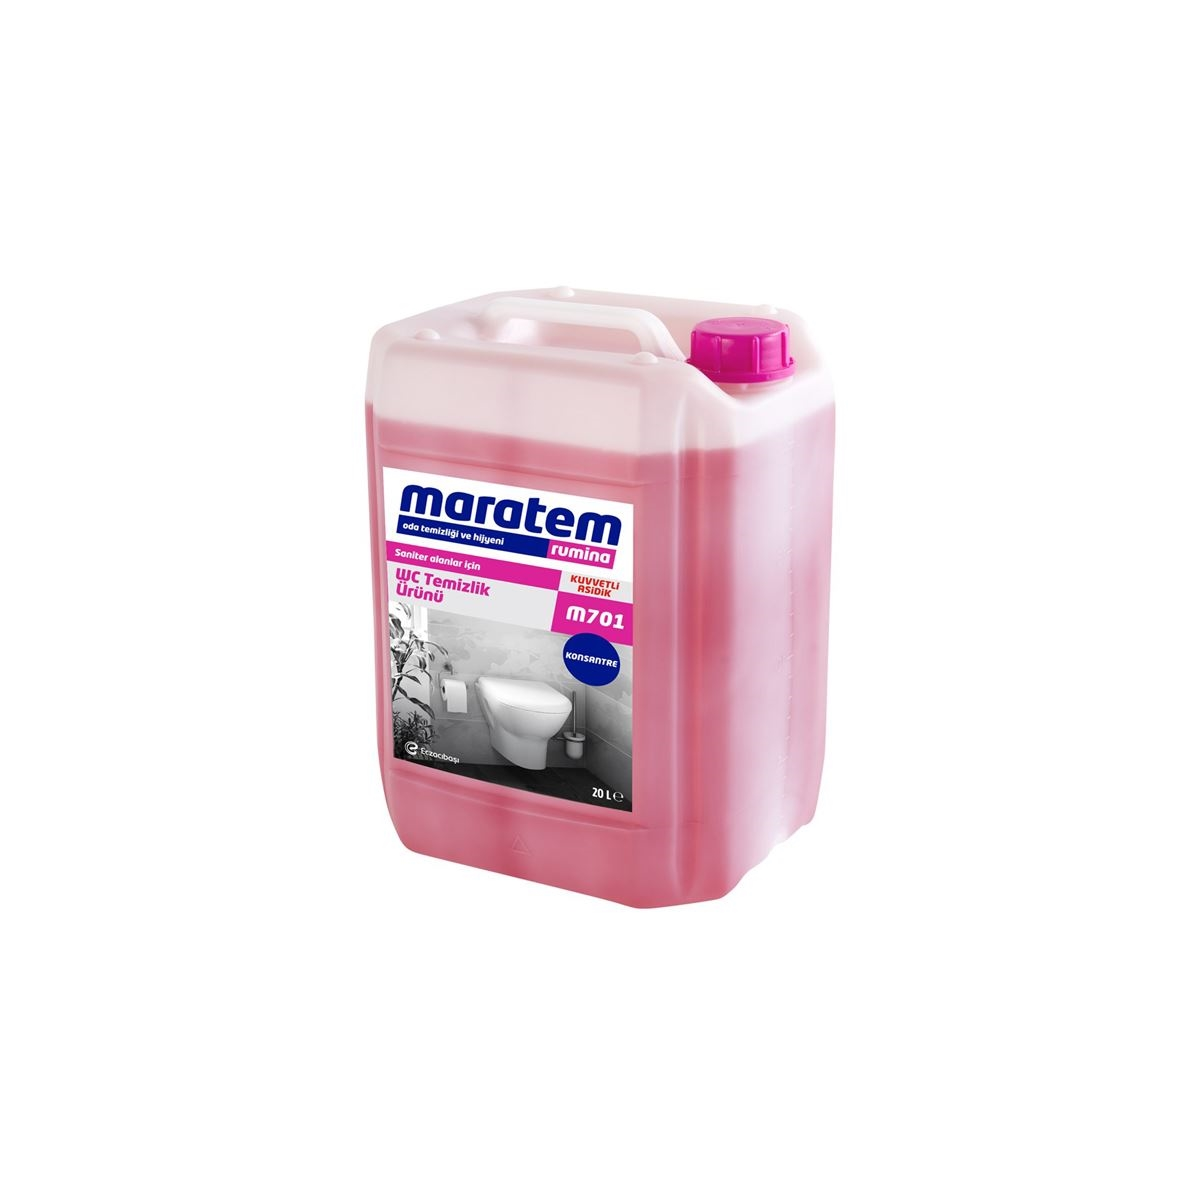 Maratem M701 WC Temizlik Ürünü 20kg resmi